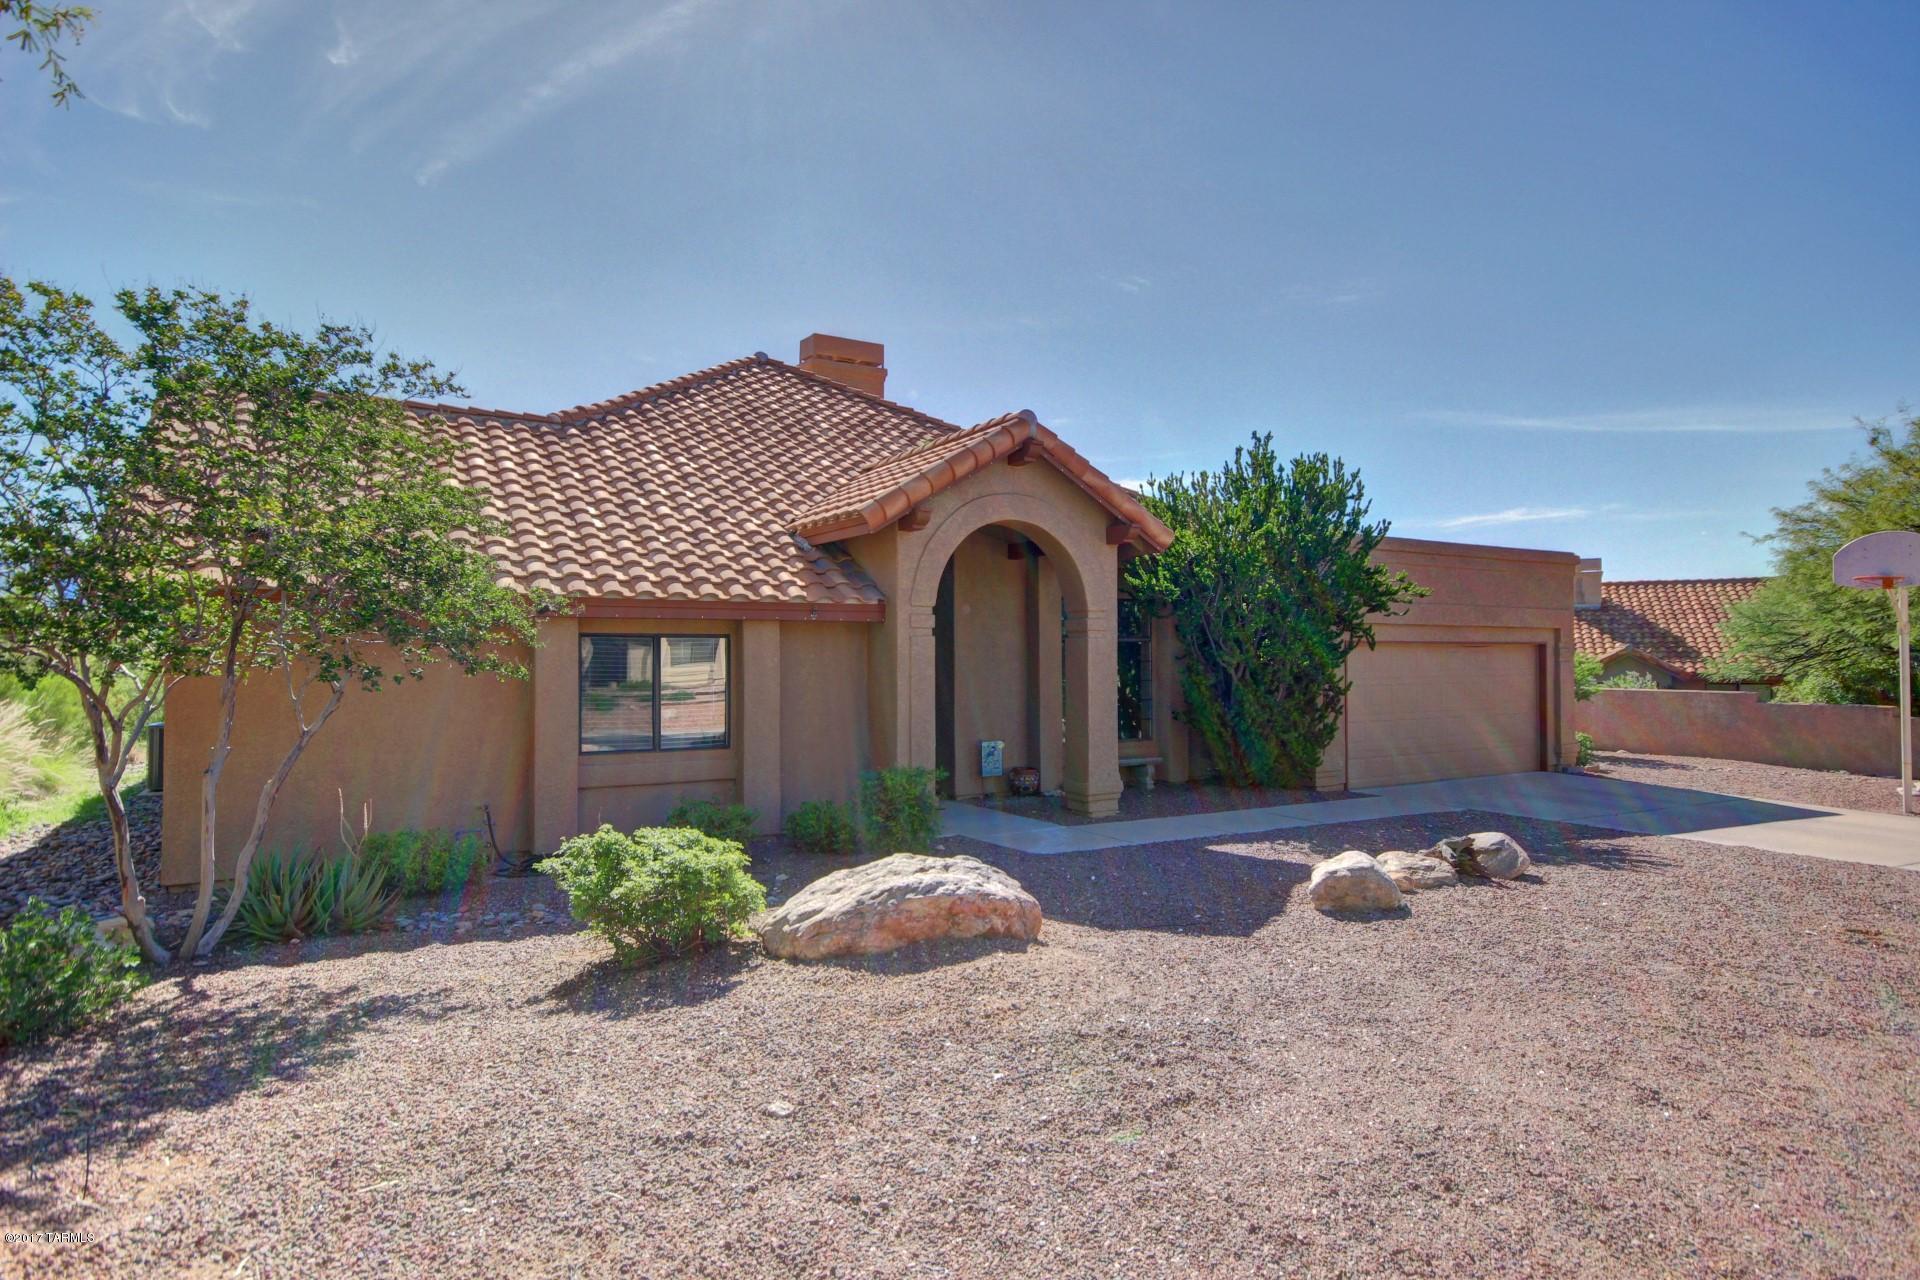 6421 E Calle Cavillo, Tucson, AZ 85750